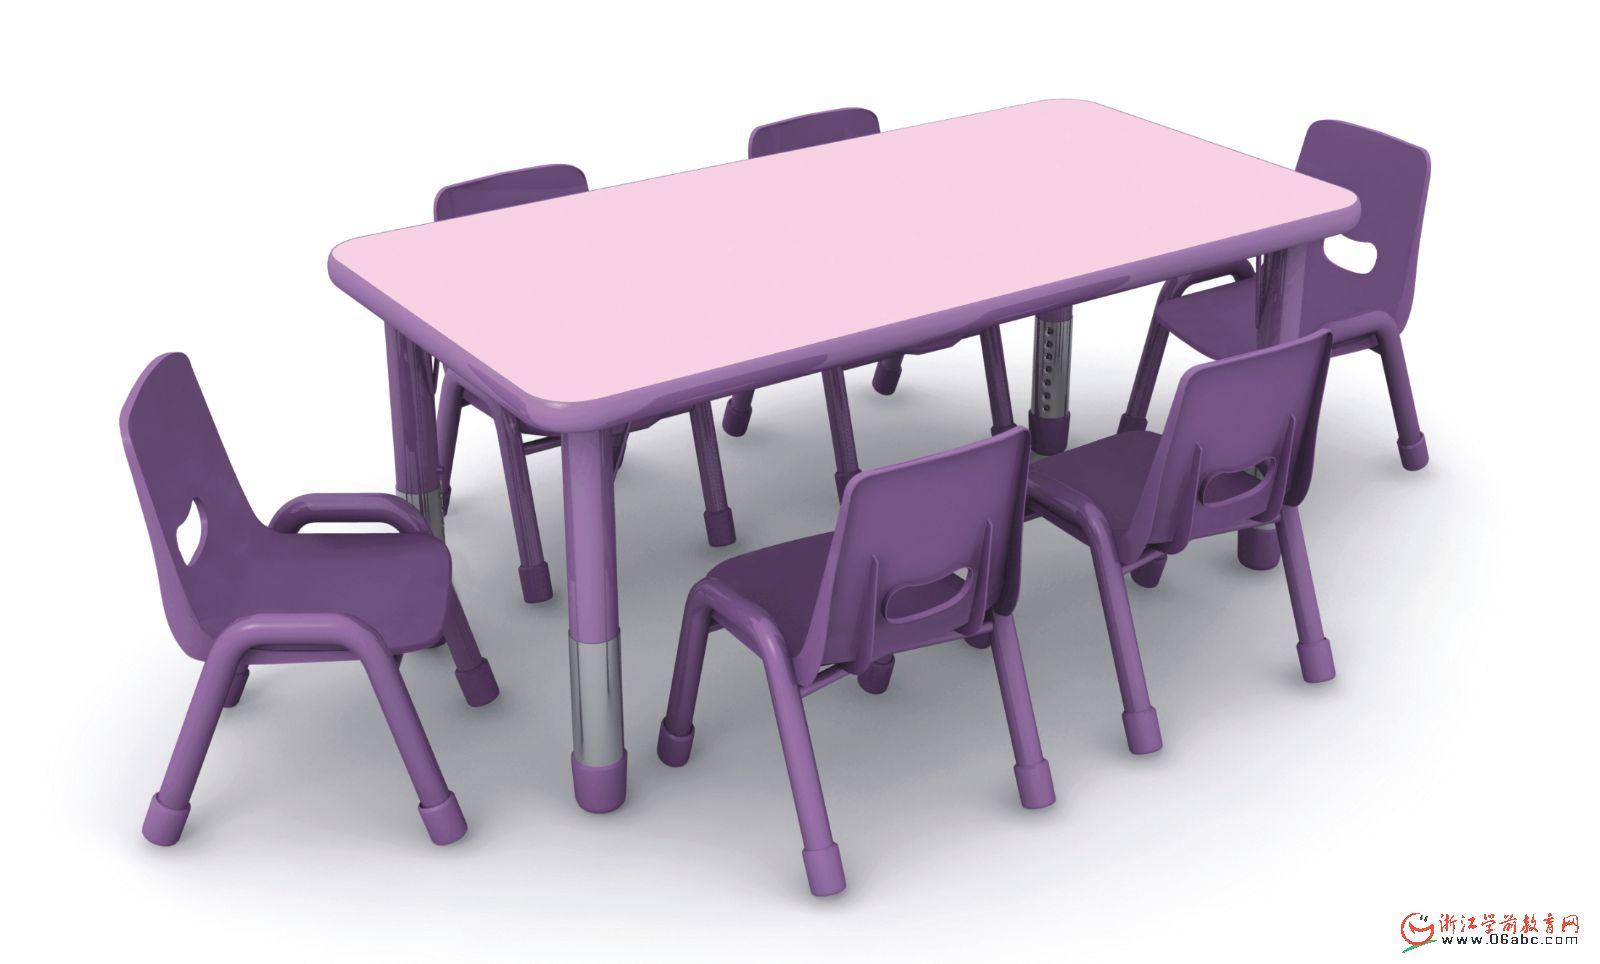 幼儿园桌子图片 > 幼儿园室外环境布置